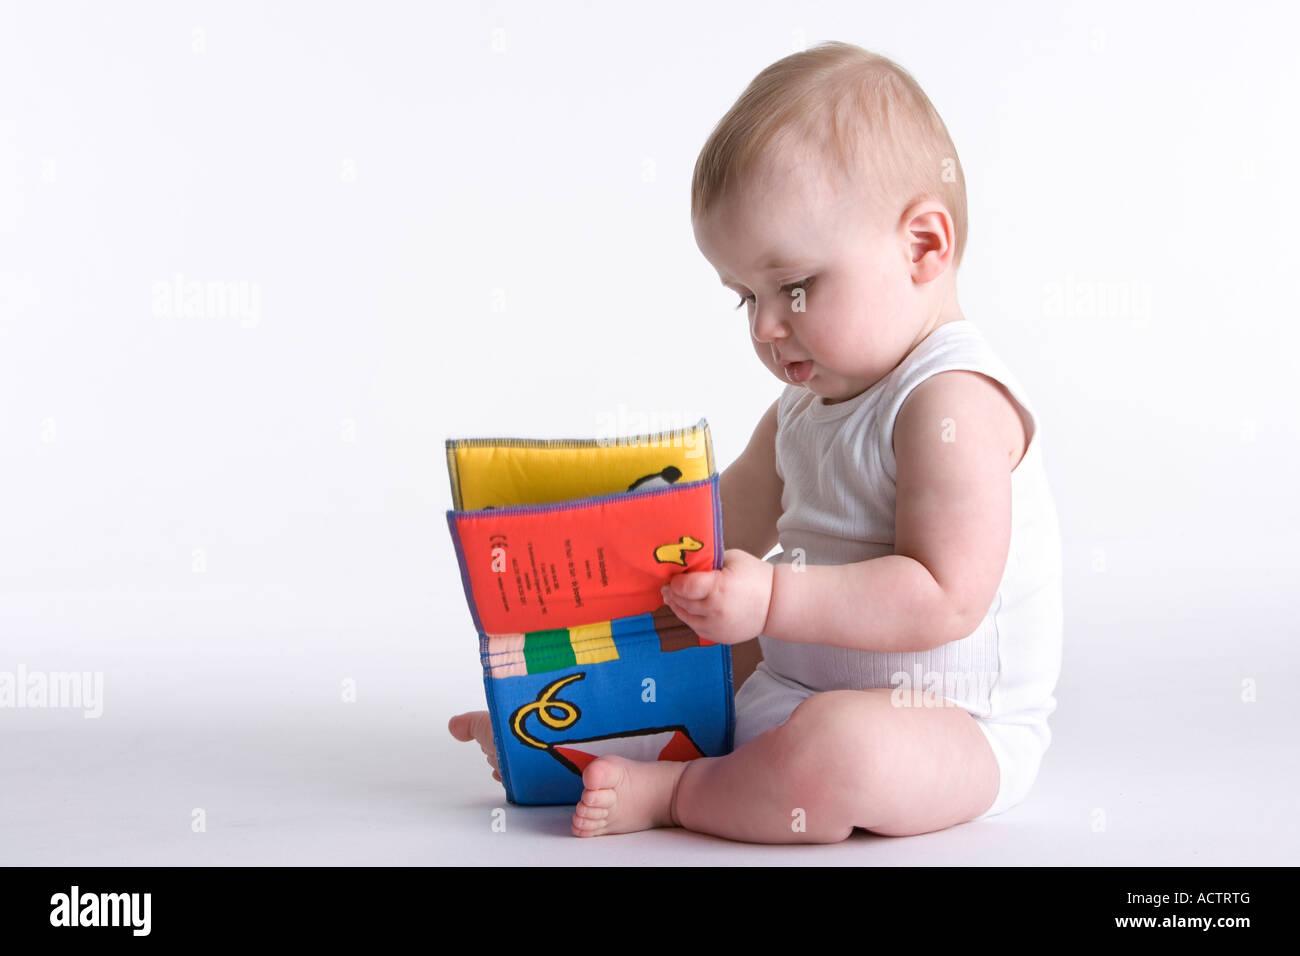 Bébé garçon avec un livre de jouets textiles Photo Stock